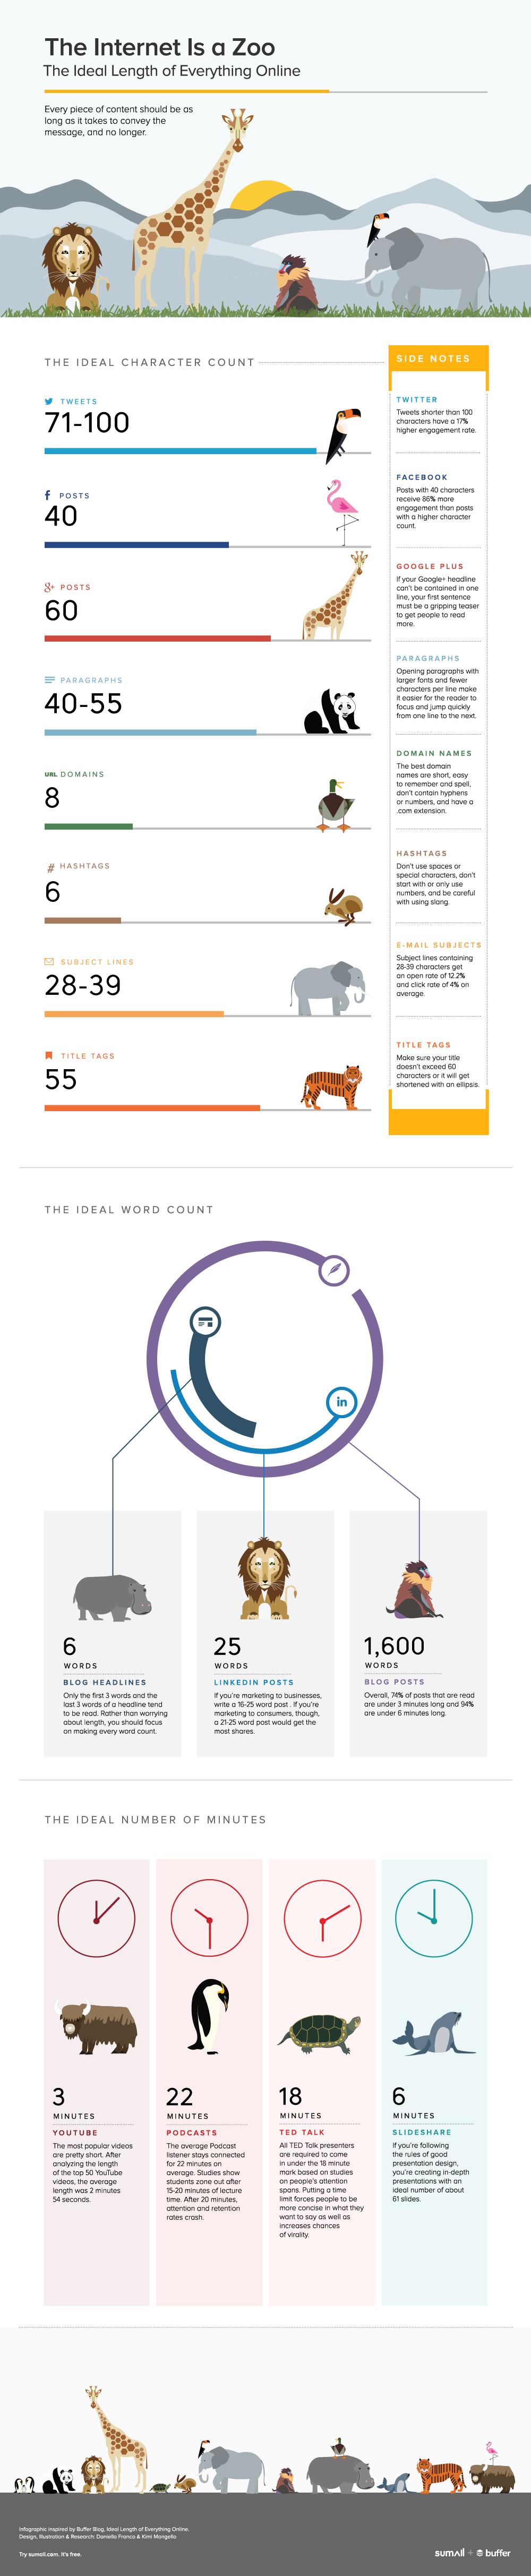 ideal-length-social-media